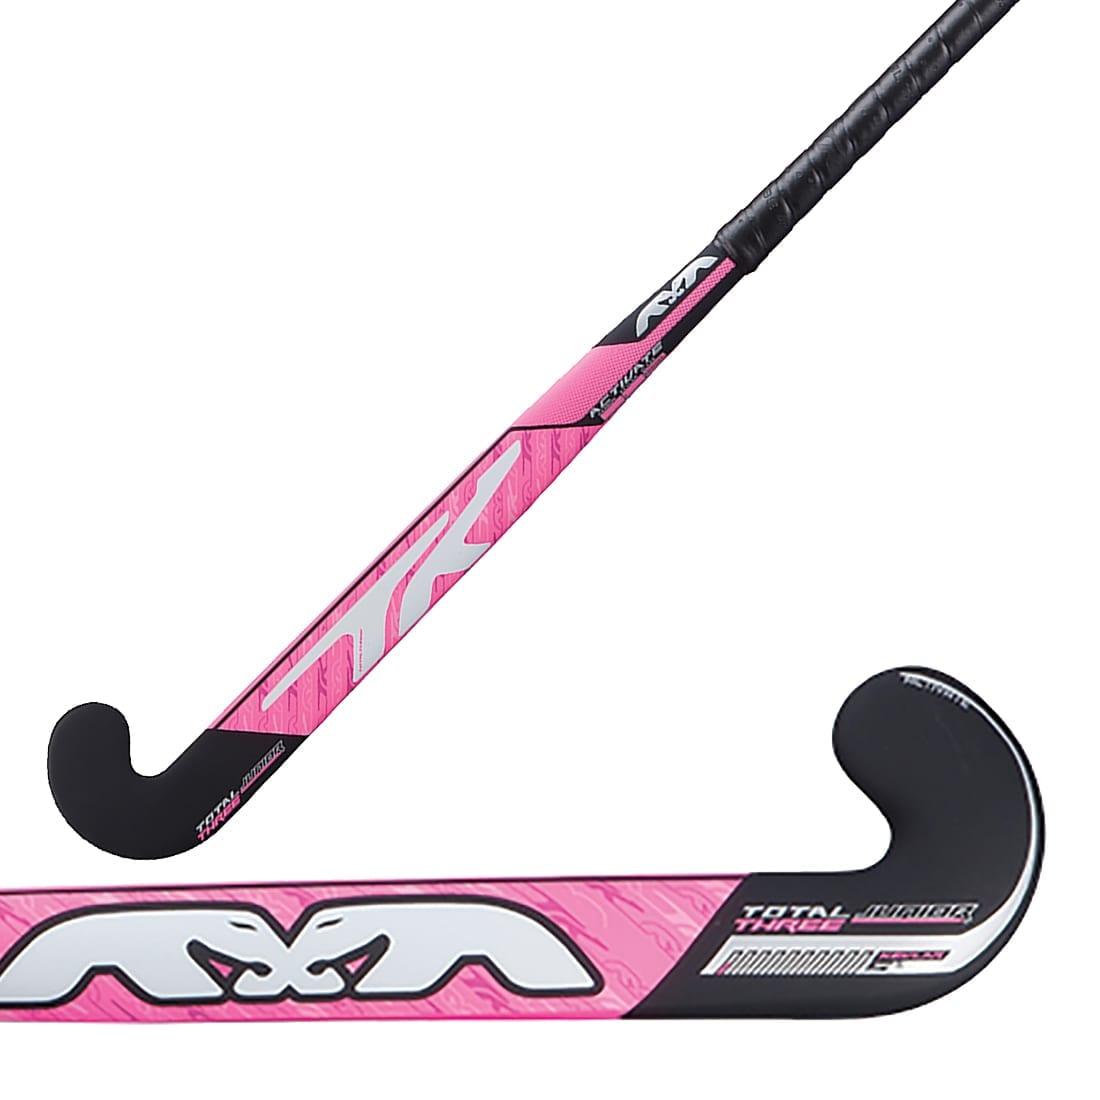 ATKT3JR19_pink-large